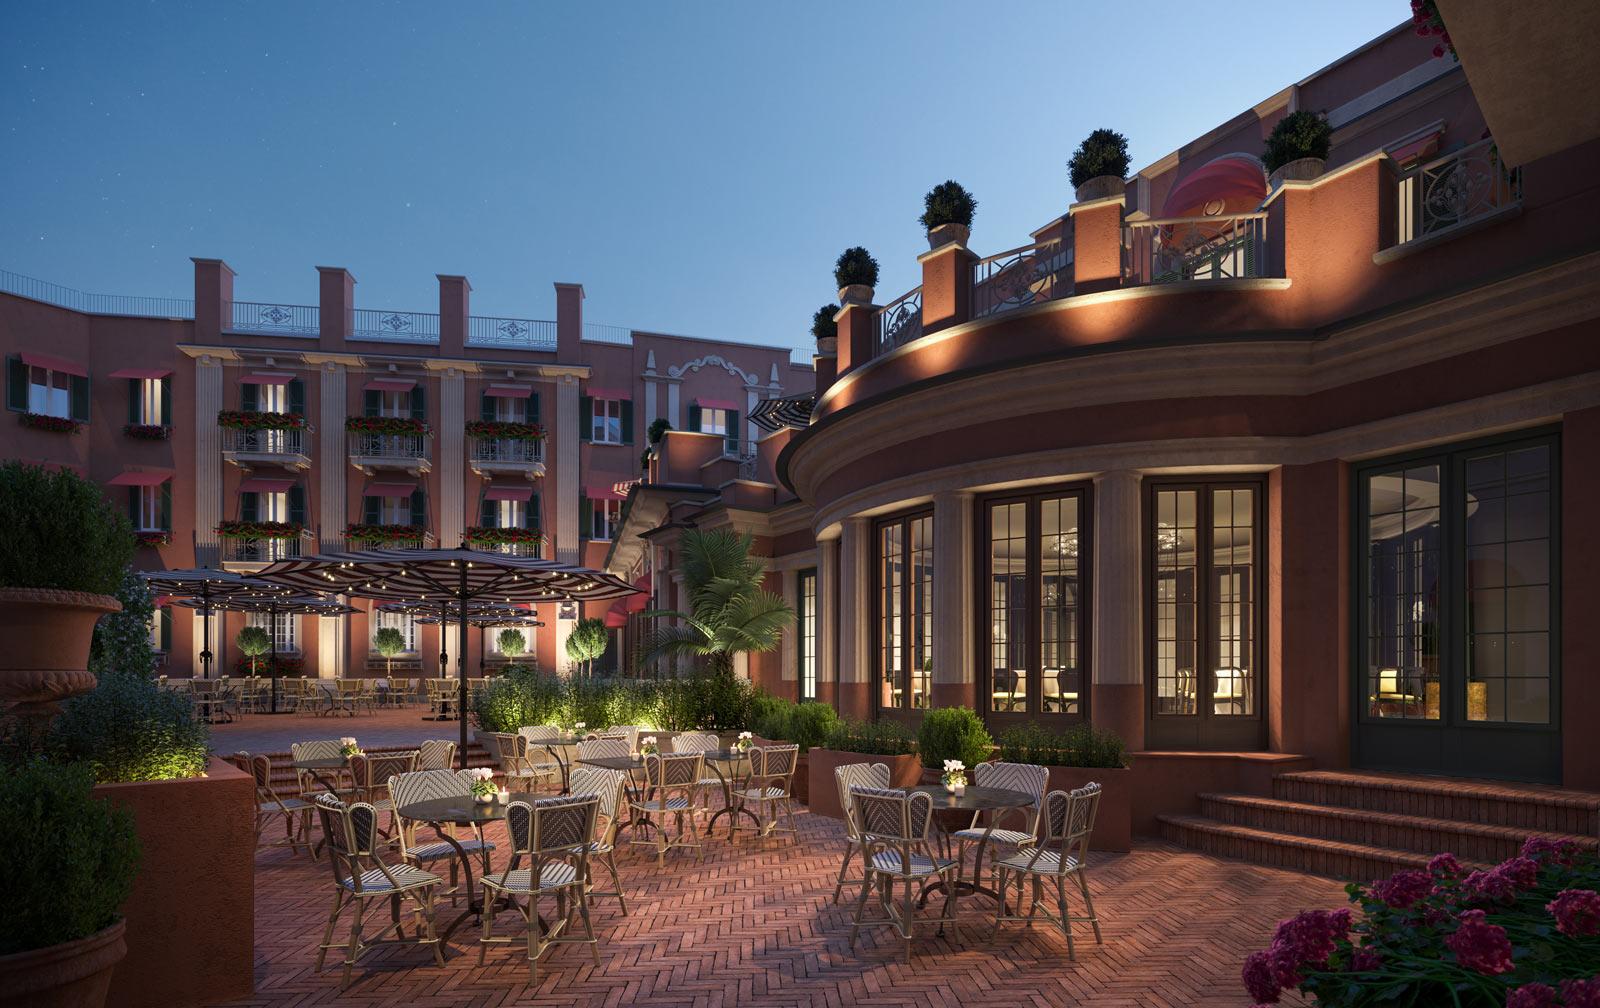 Hotel del la Ville Courtyard